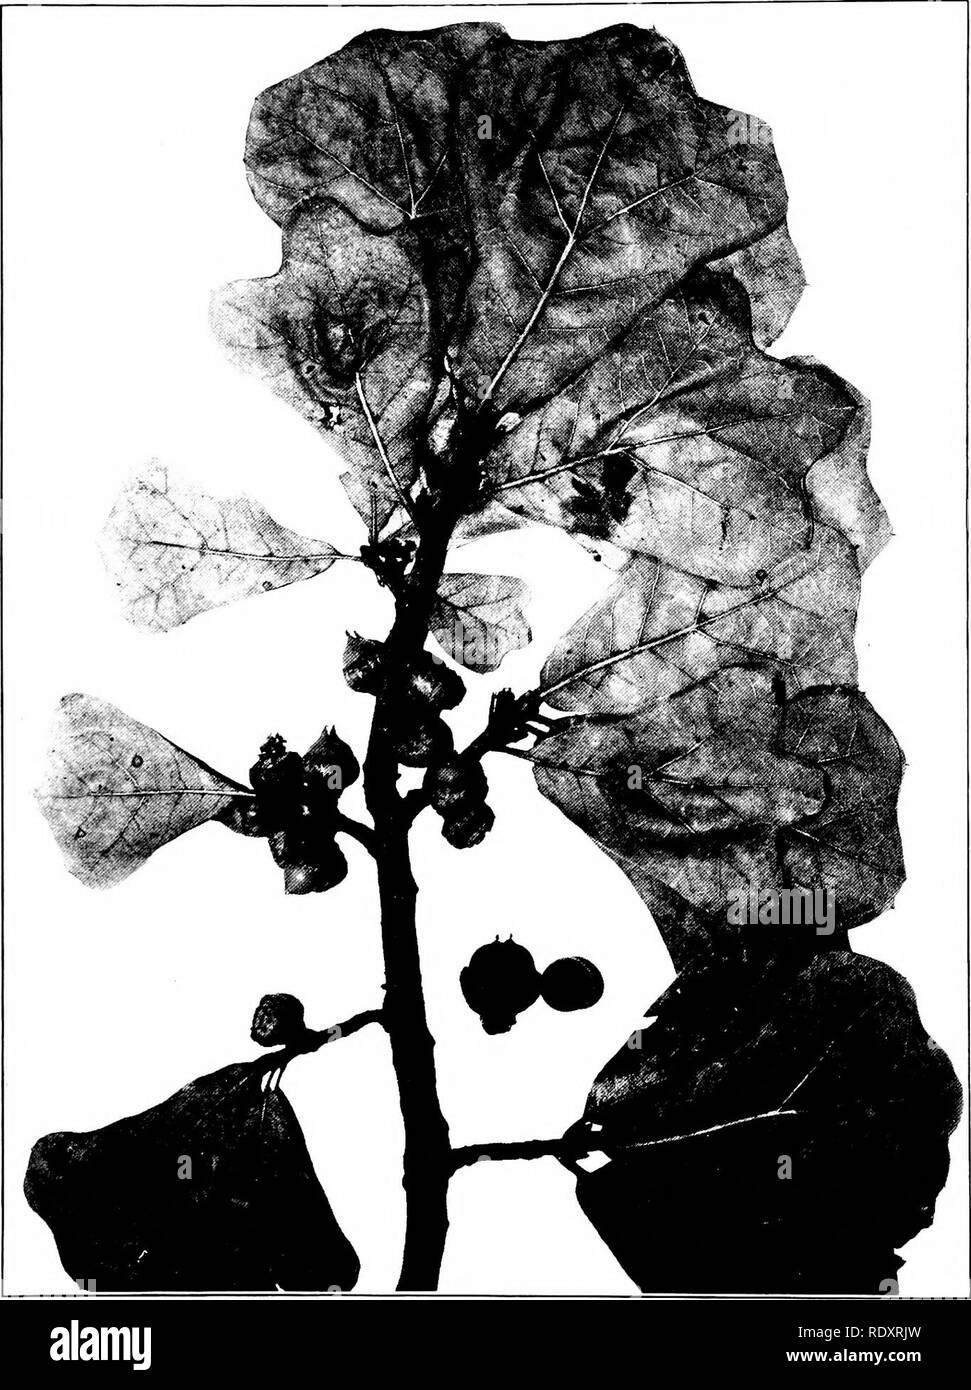 . Árboles de Indiana. Los árboles. 13(3 placa .jO.. QUERCUS MARILAXDICA Muenchhausen. Black Jack Roble. (X i^.). Por favor tenga en cuenta que estas imágenes son extraídas de la página escaneada imágenes que podrían haber sido mejoradas digitalmente para mejorar la legibilidad, la coloración y el aspecto de estas ilustraciones pueden no parecerse perfectamente a la obra original. Deam, Charles Clemon, 1865-1953. Fort Wayne, Indiana , Fort Wayne Printing Co. Foto de stock